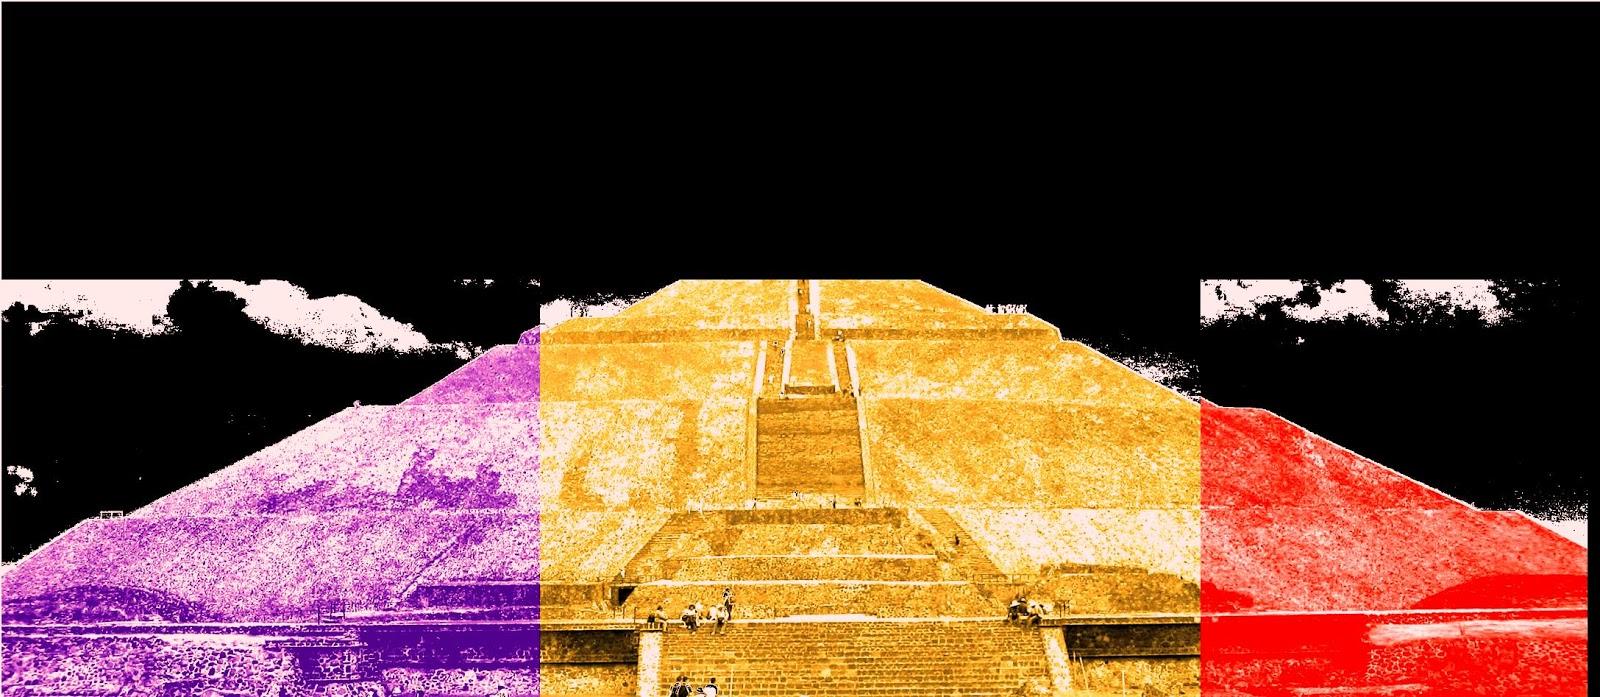 Teotihuacan en l nea resplandor teotihuacano podr a ser Espectaculo de luz y sonido en teotihuacan